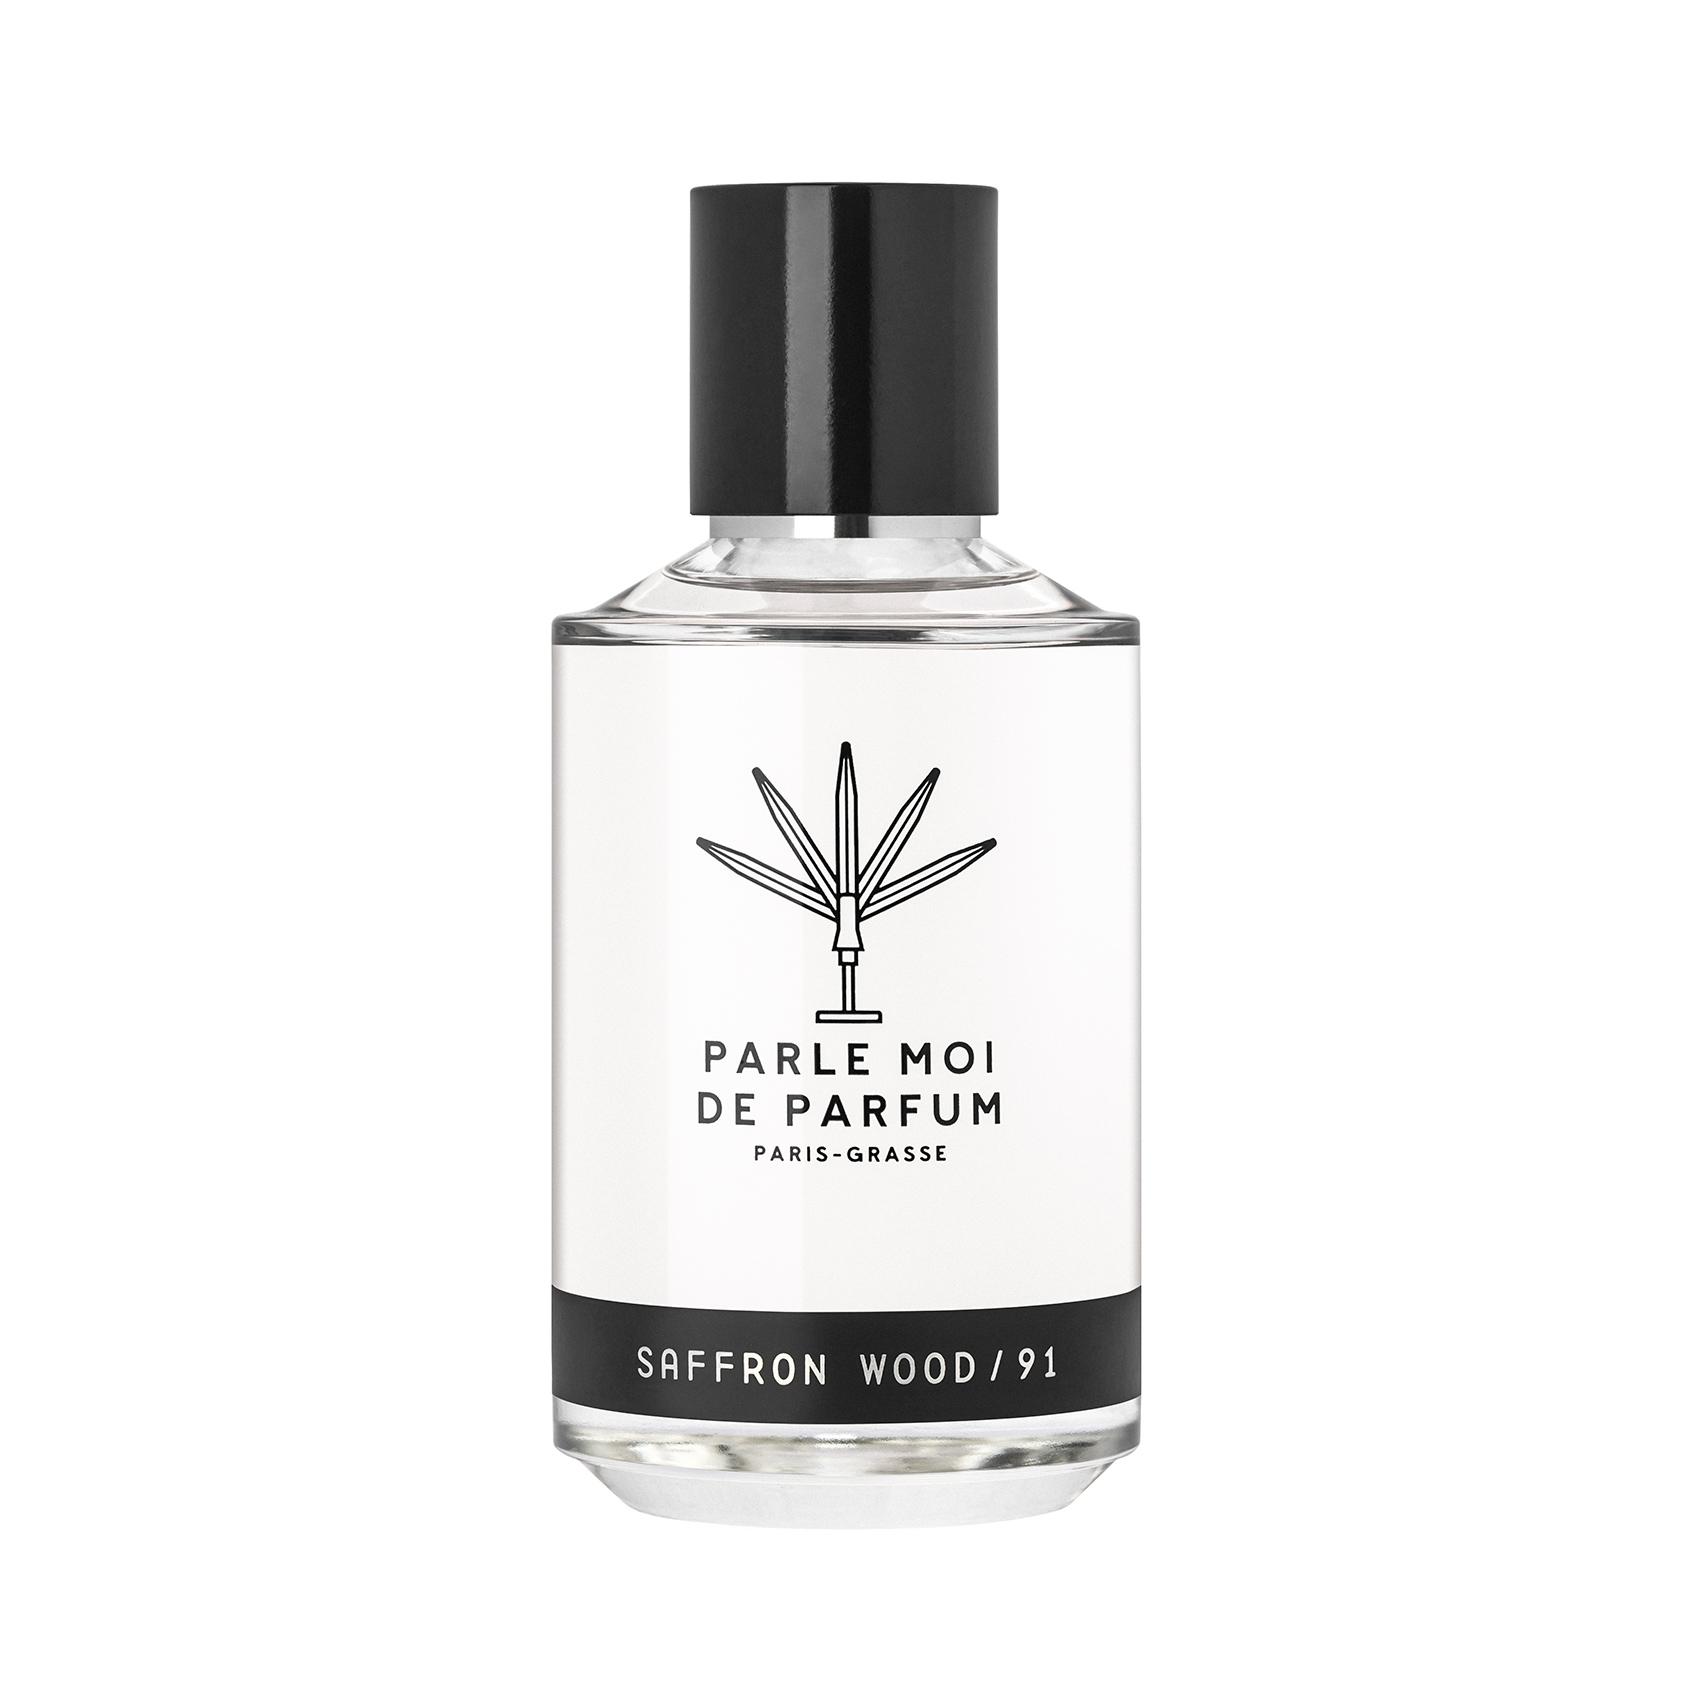 gfрфюм Parle Moi de Parfum